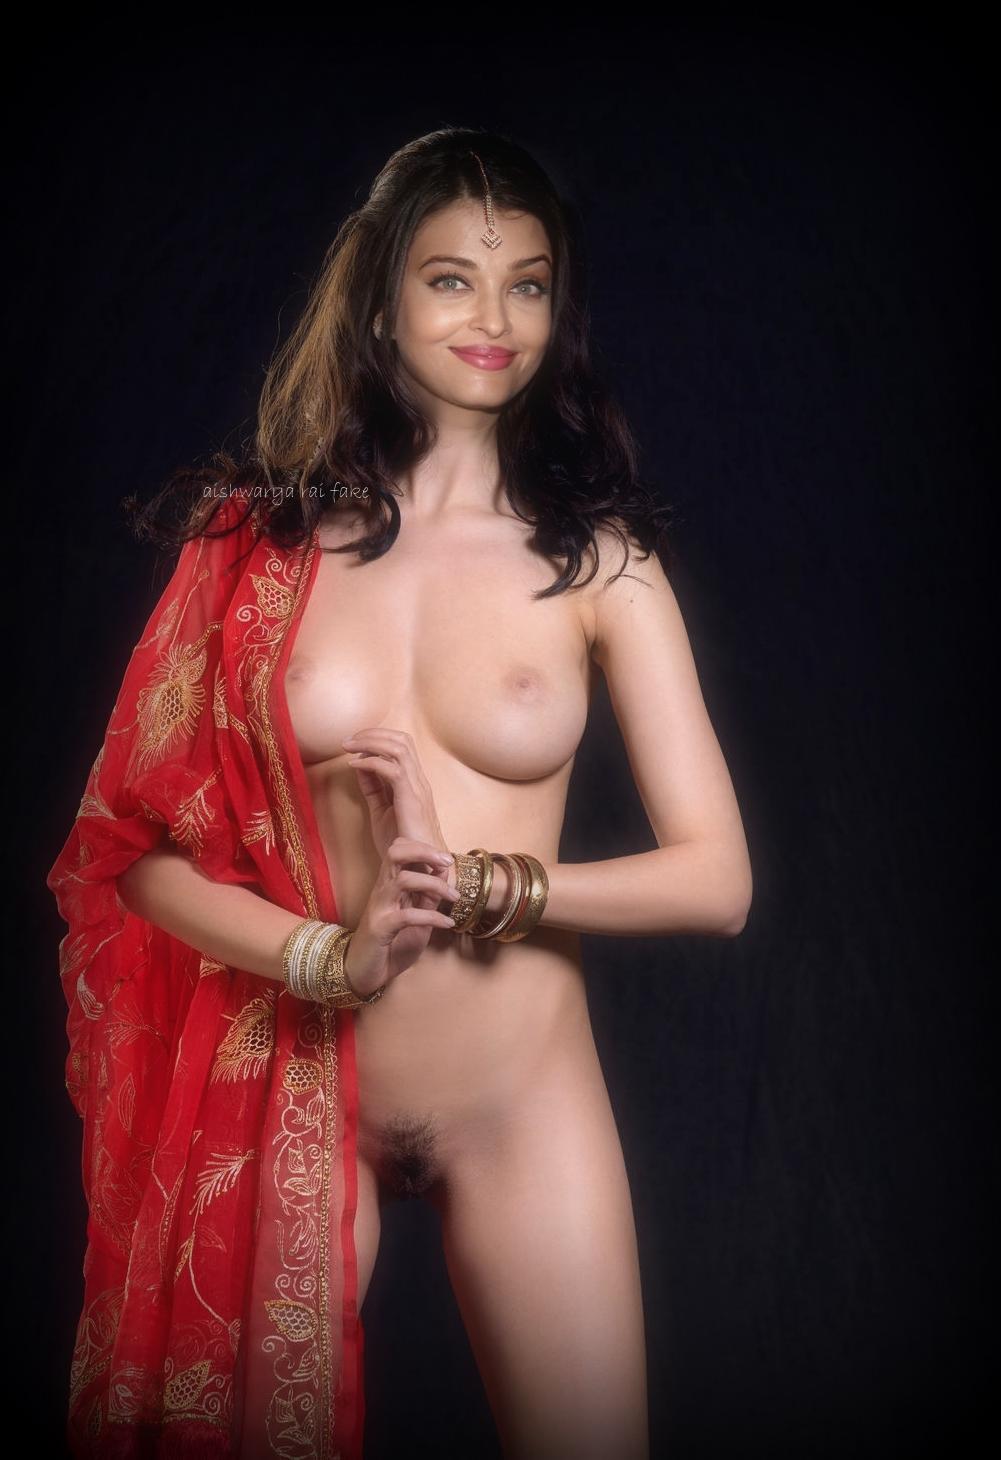 Телки перед голая индианки фото